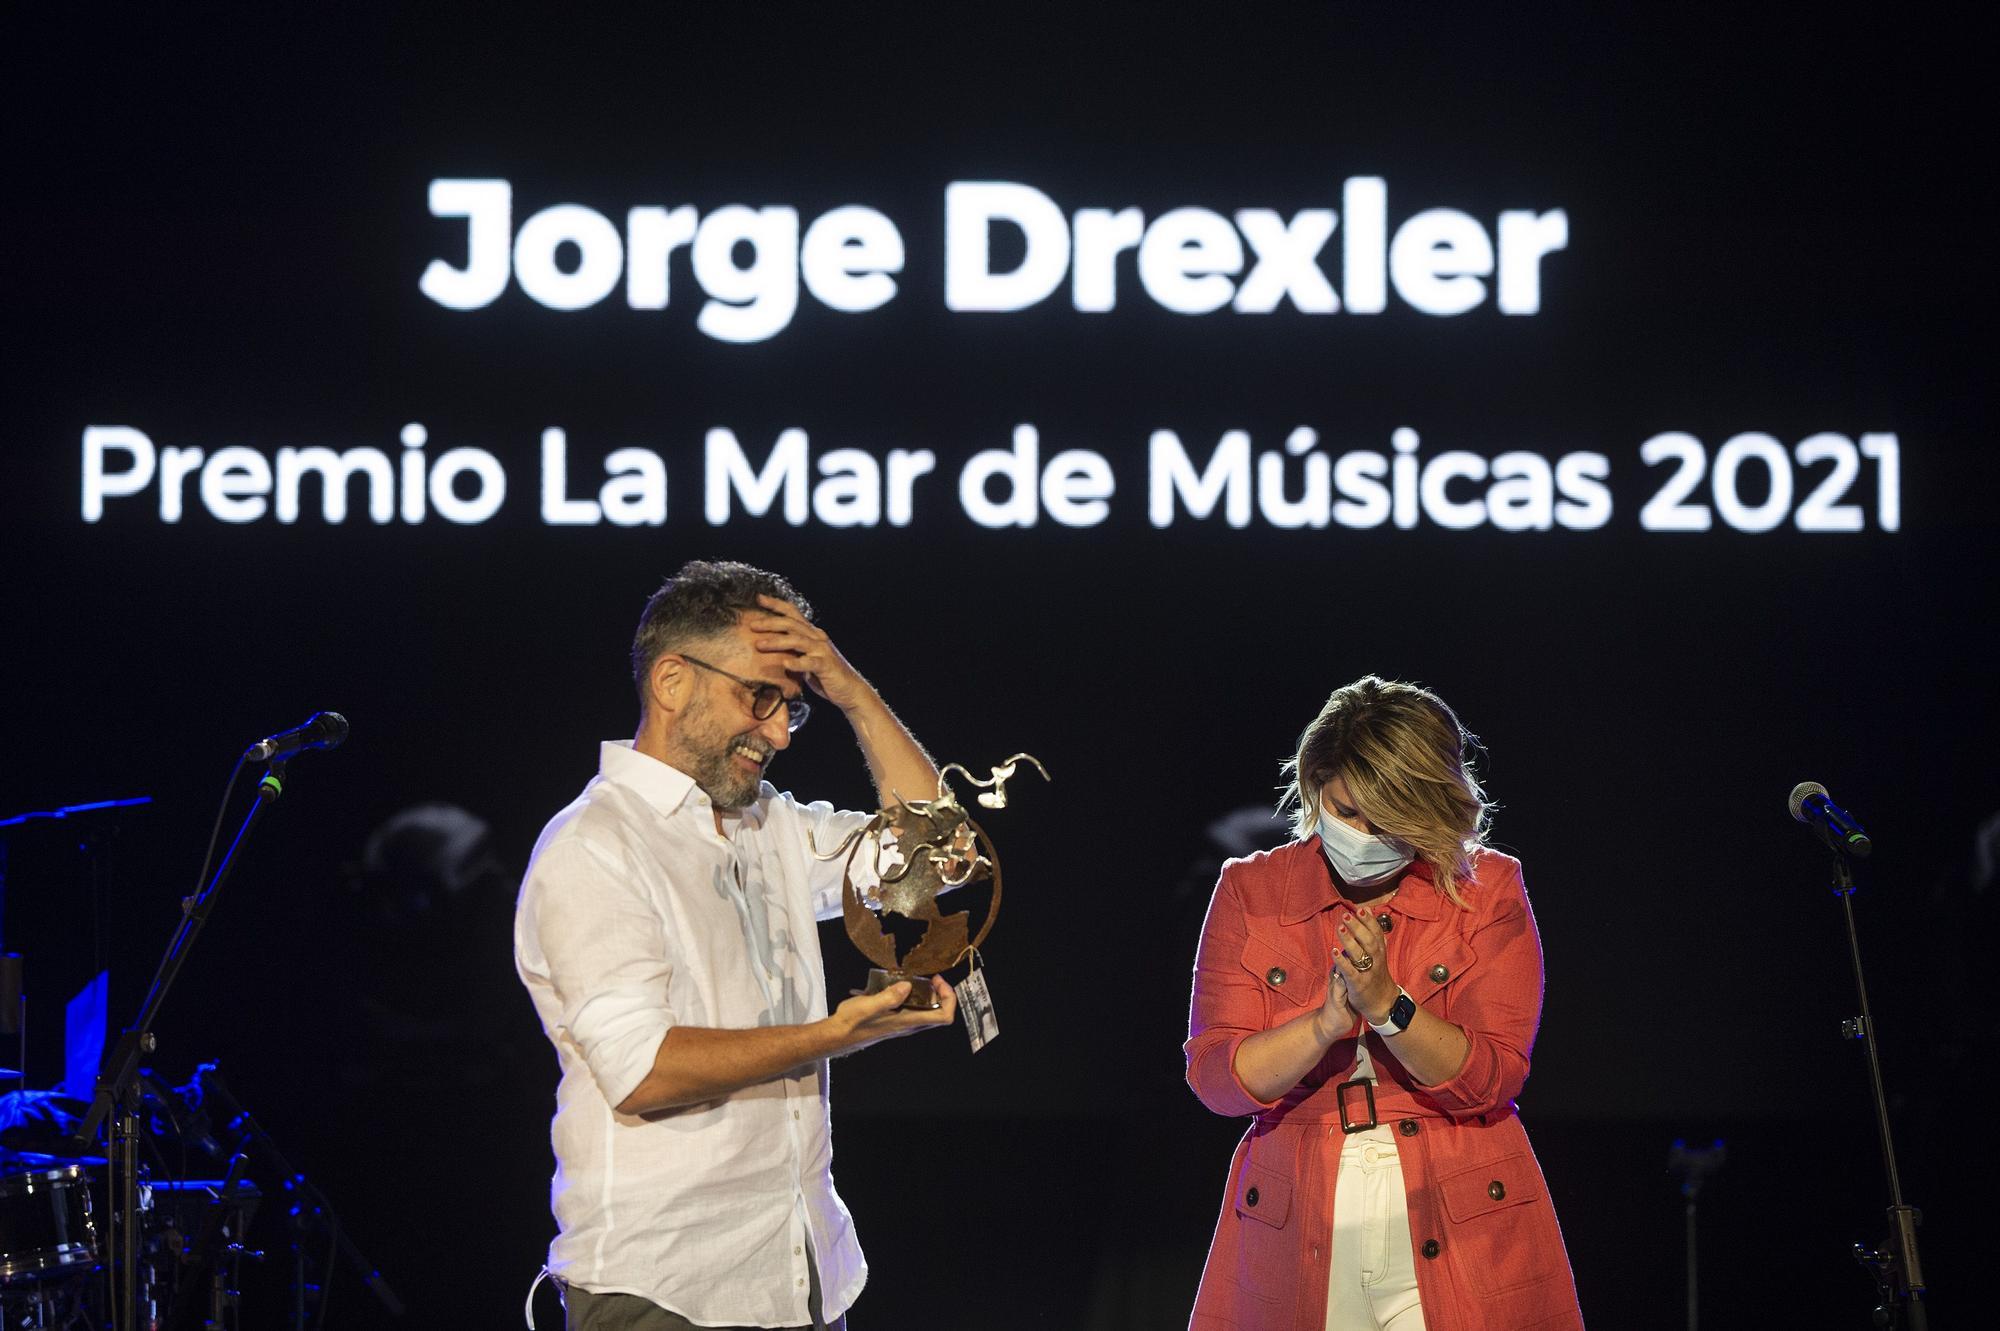 Jorge Drexler recibe el premio de La Mar de Músicas